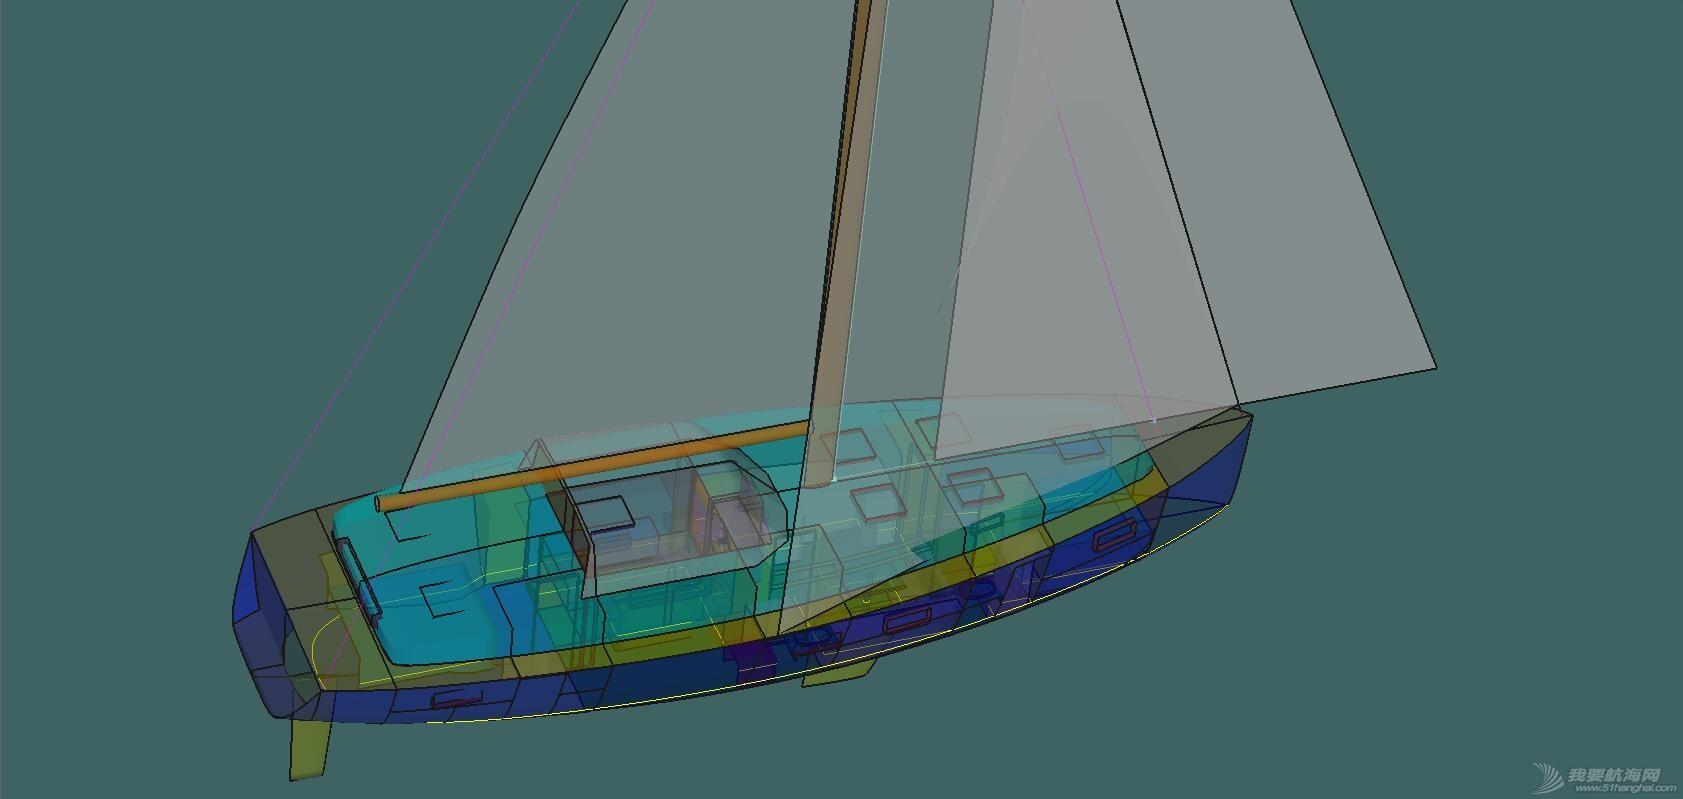 承接国内帆船设计业务【补充内容】 3D模型1.jpg